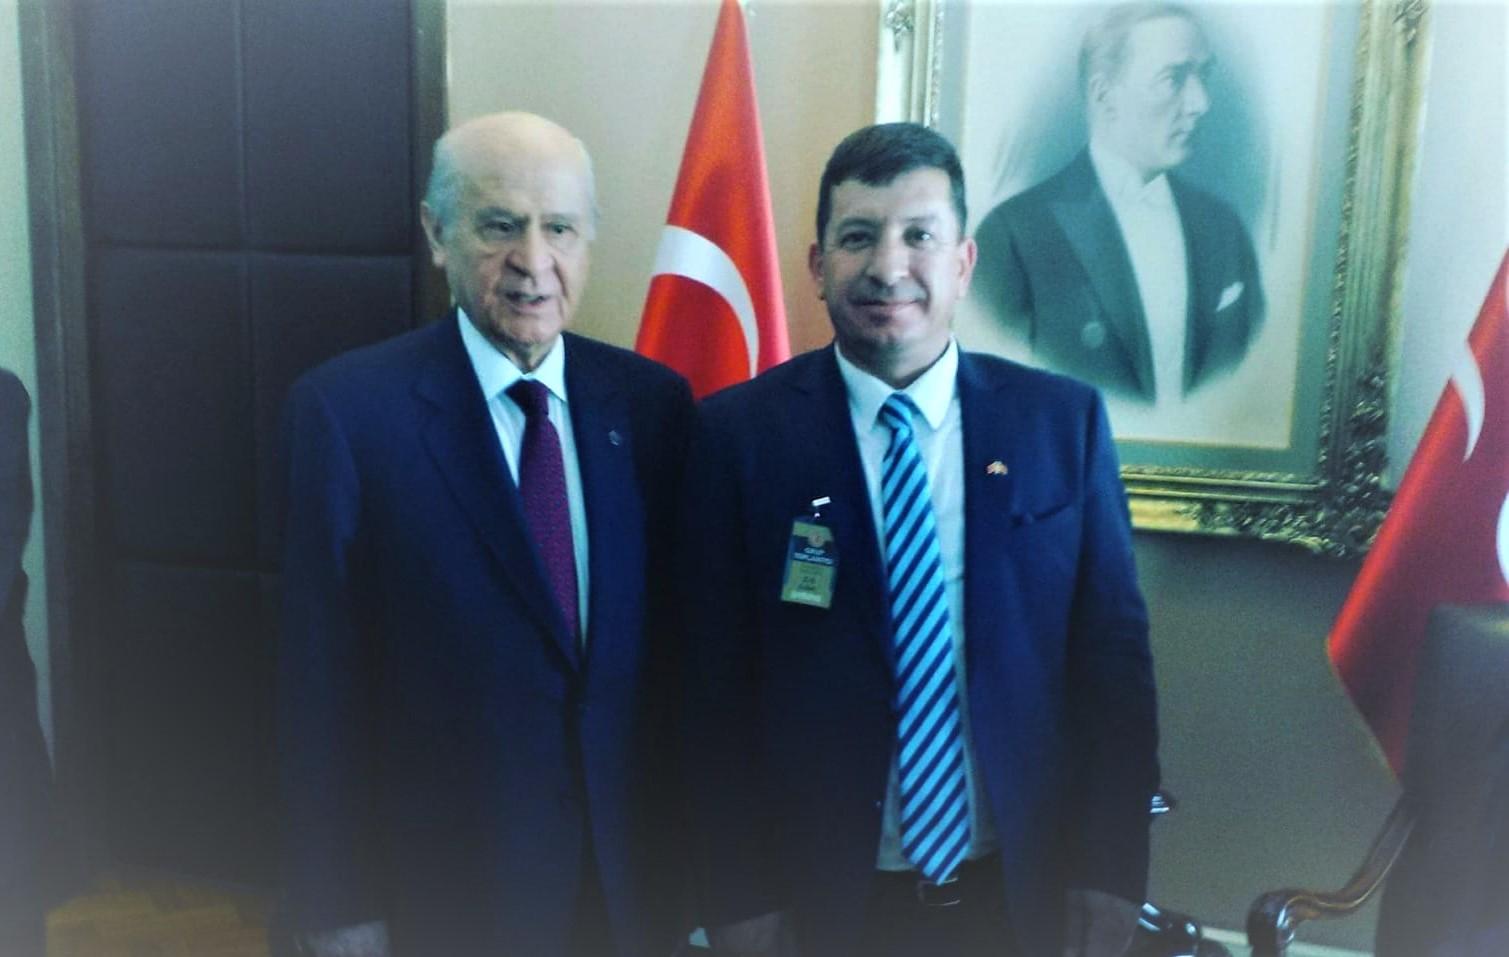 Deniz Doğru, MHP Şehitkamil belediye Meclis Üyeliği için başvurdu